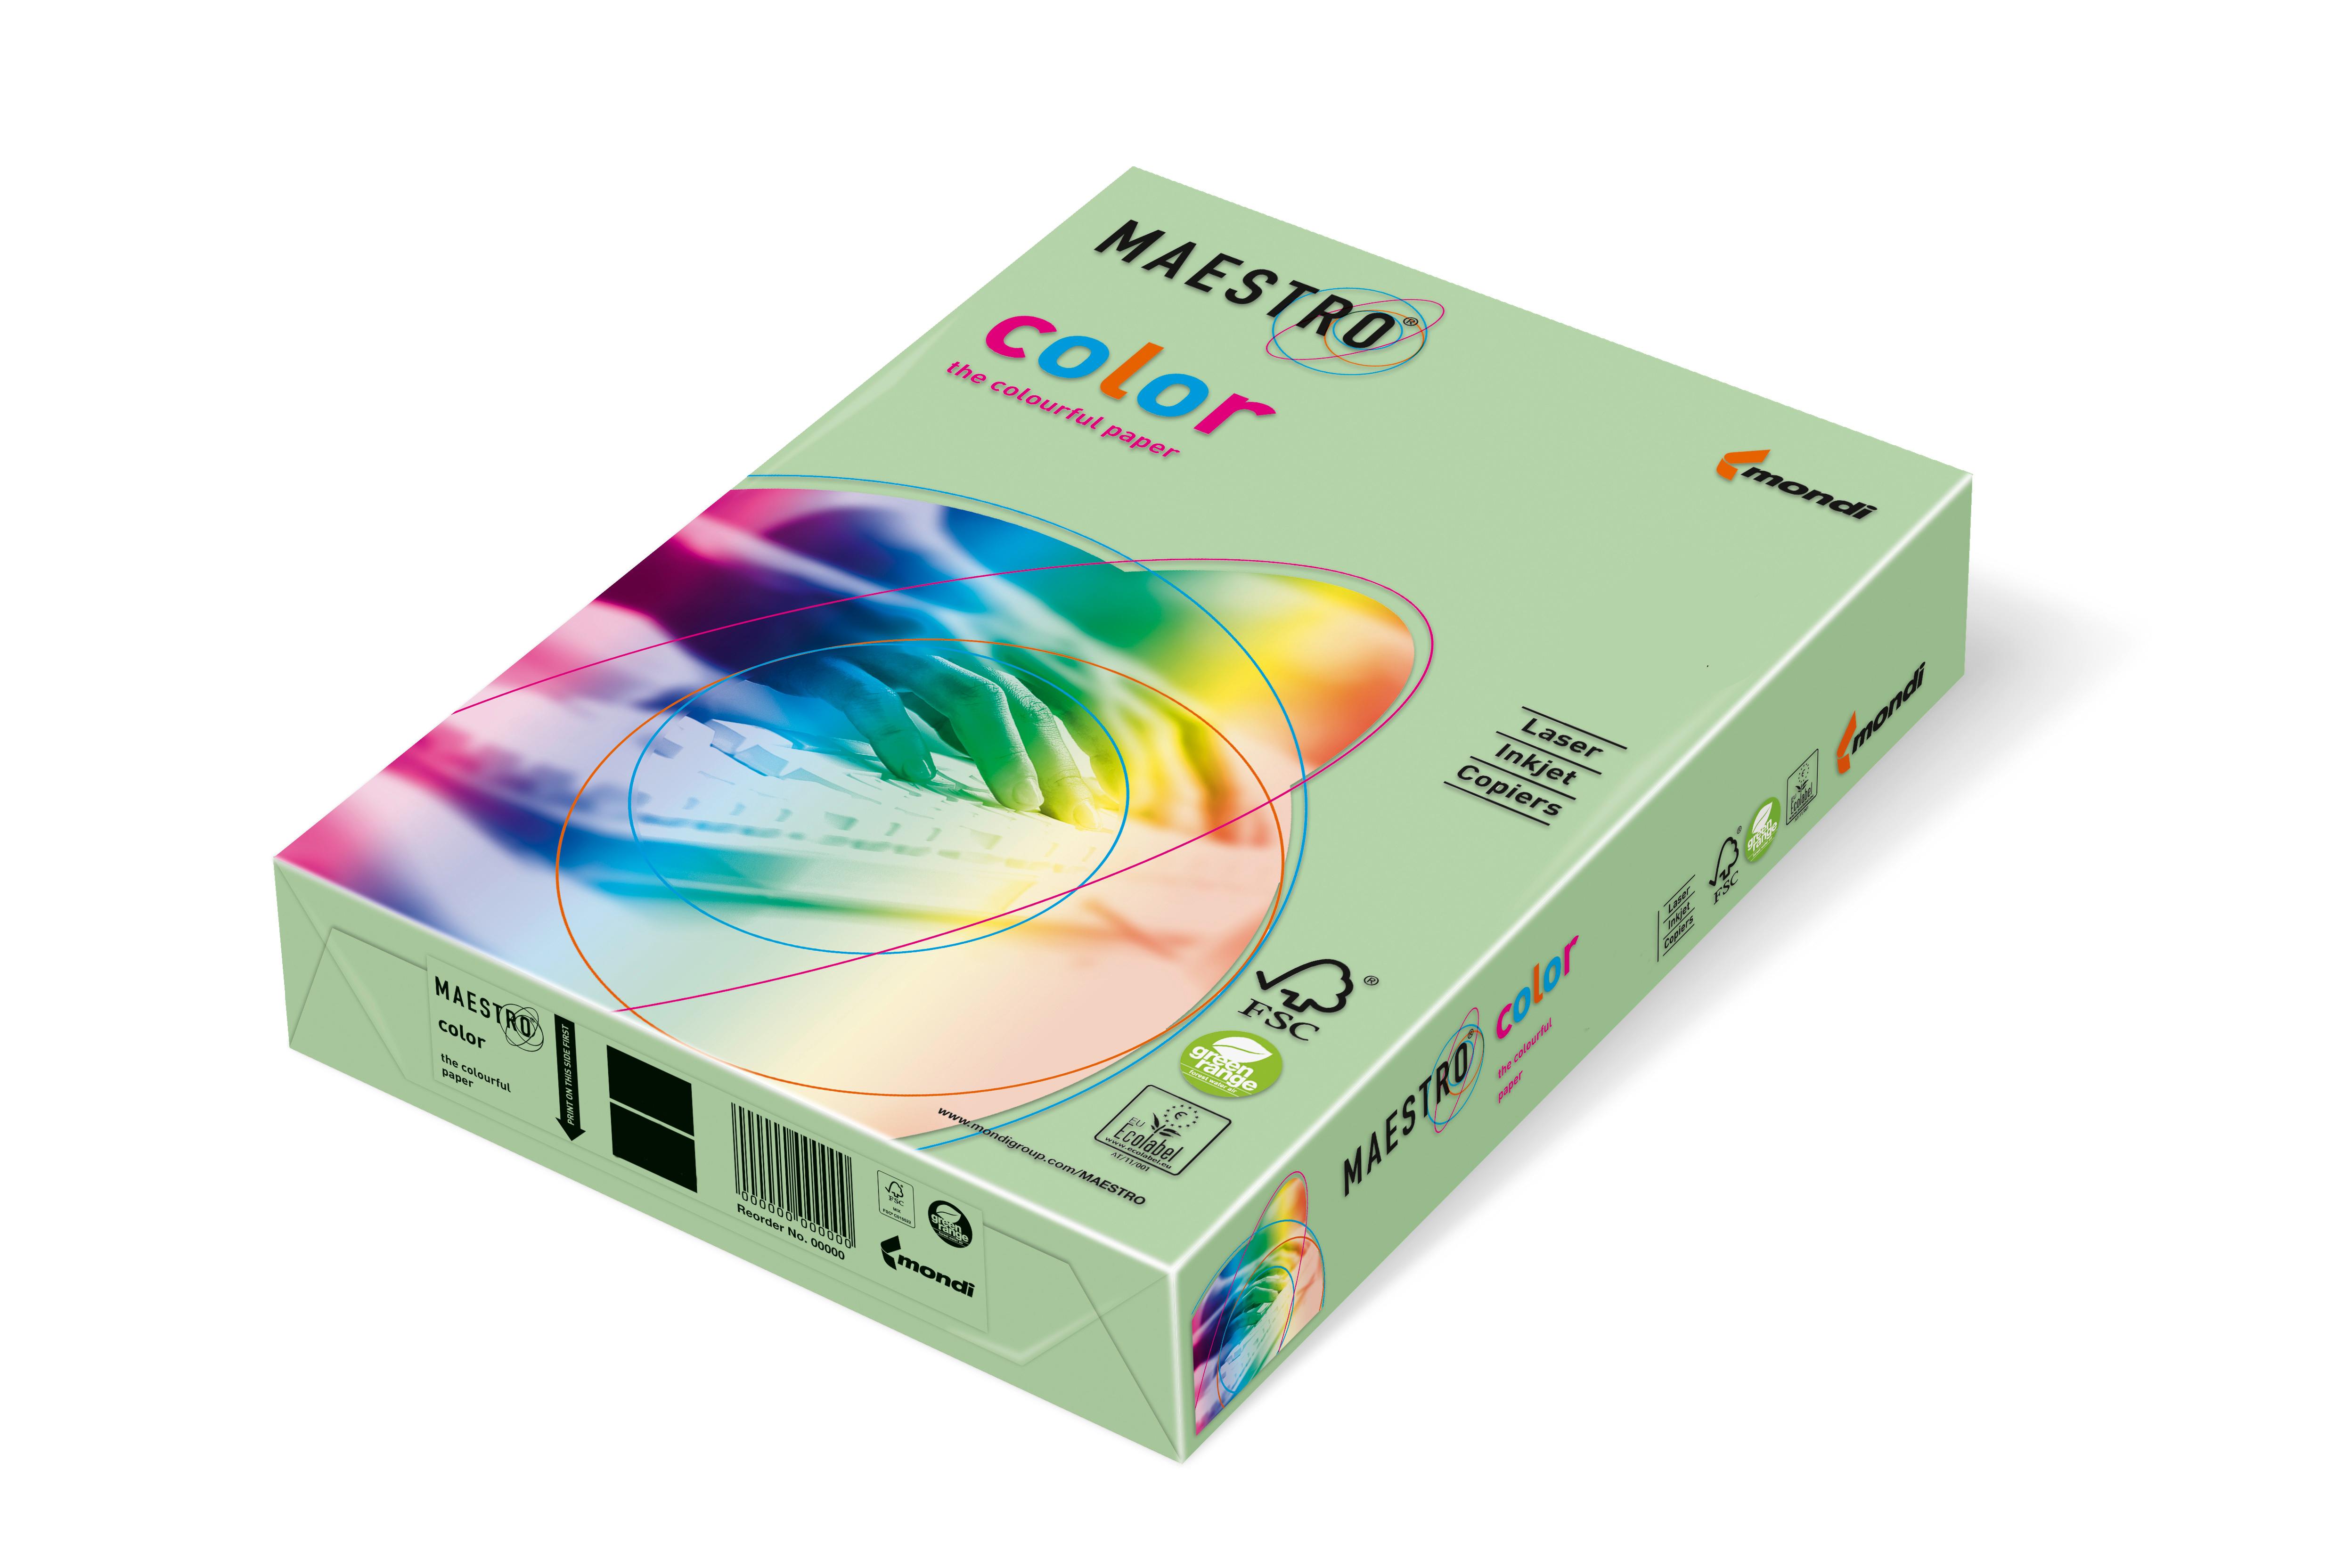 Vorschau: Mondi Maestro Color mittelgrün 160g/m² DIN-A4 - 250 Blatt MG28